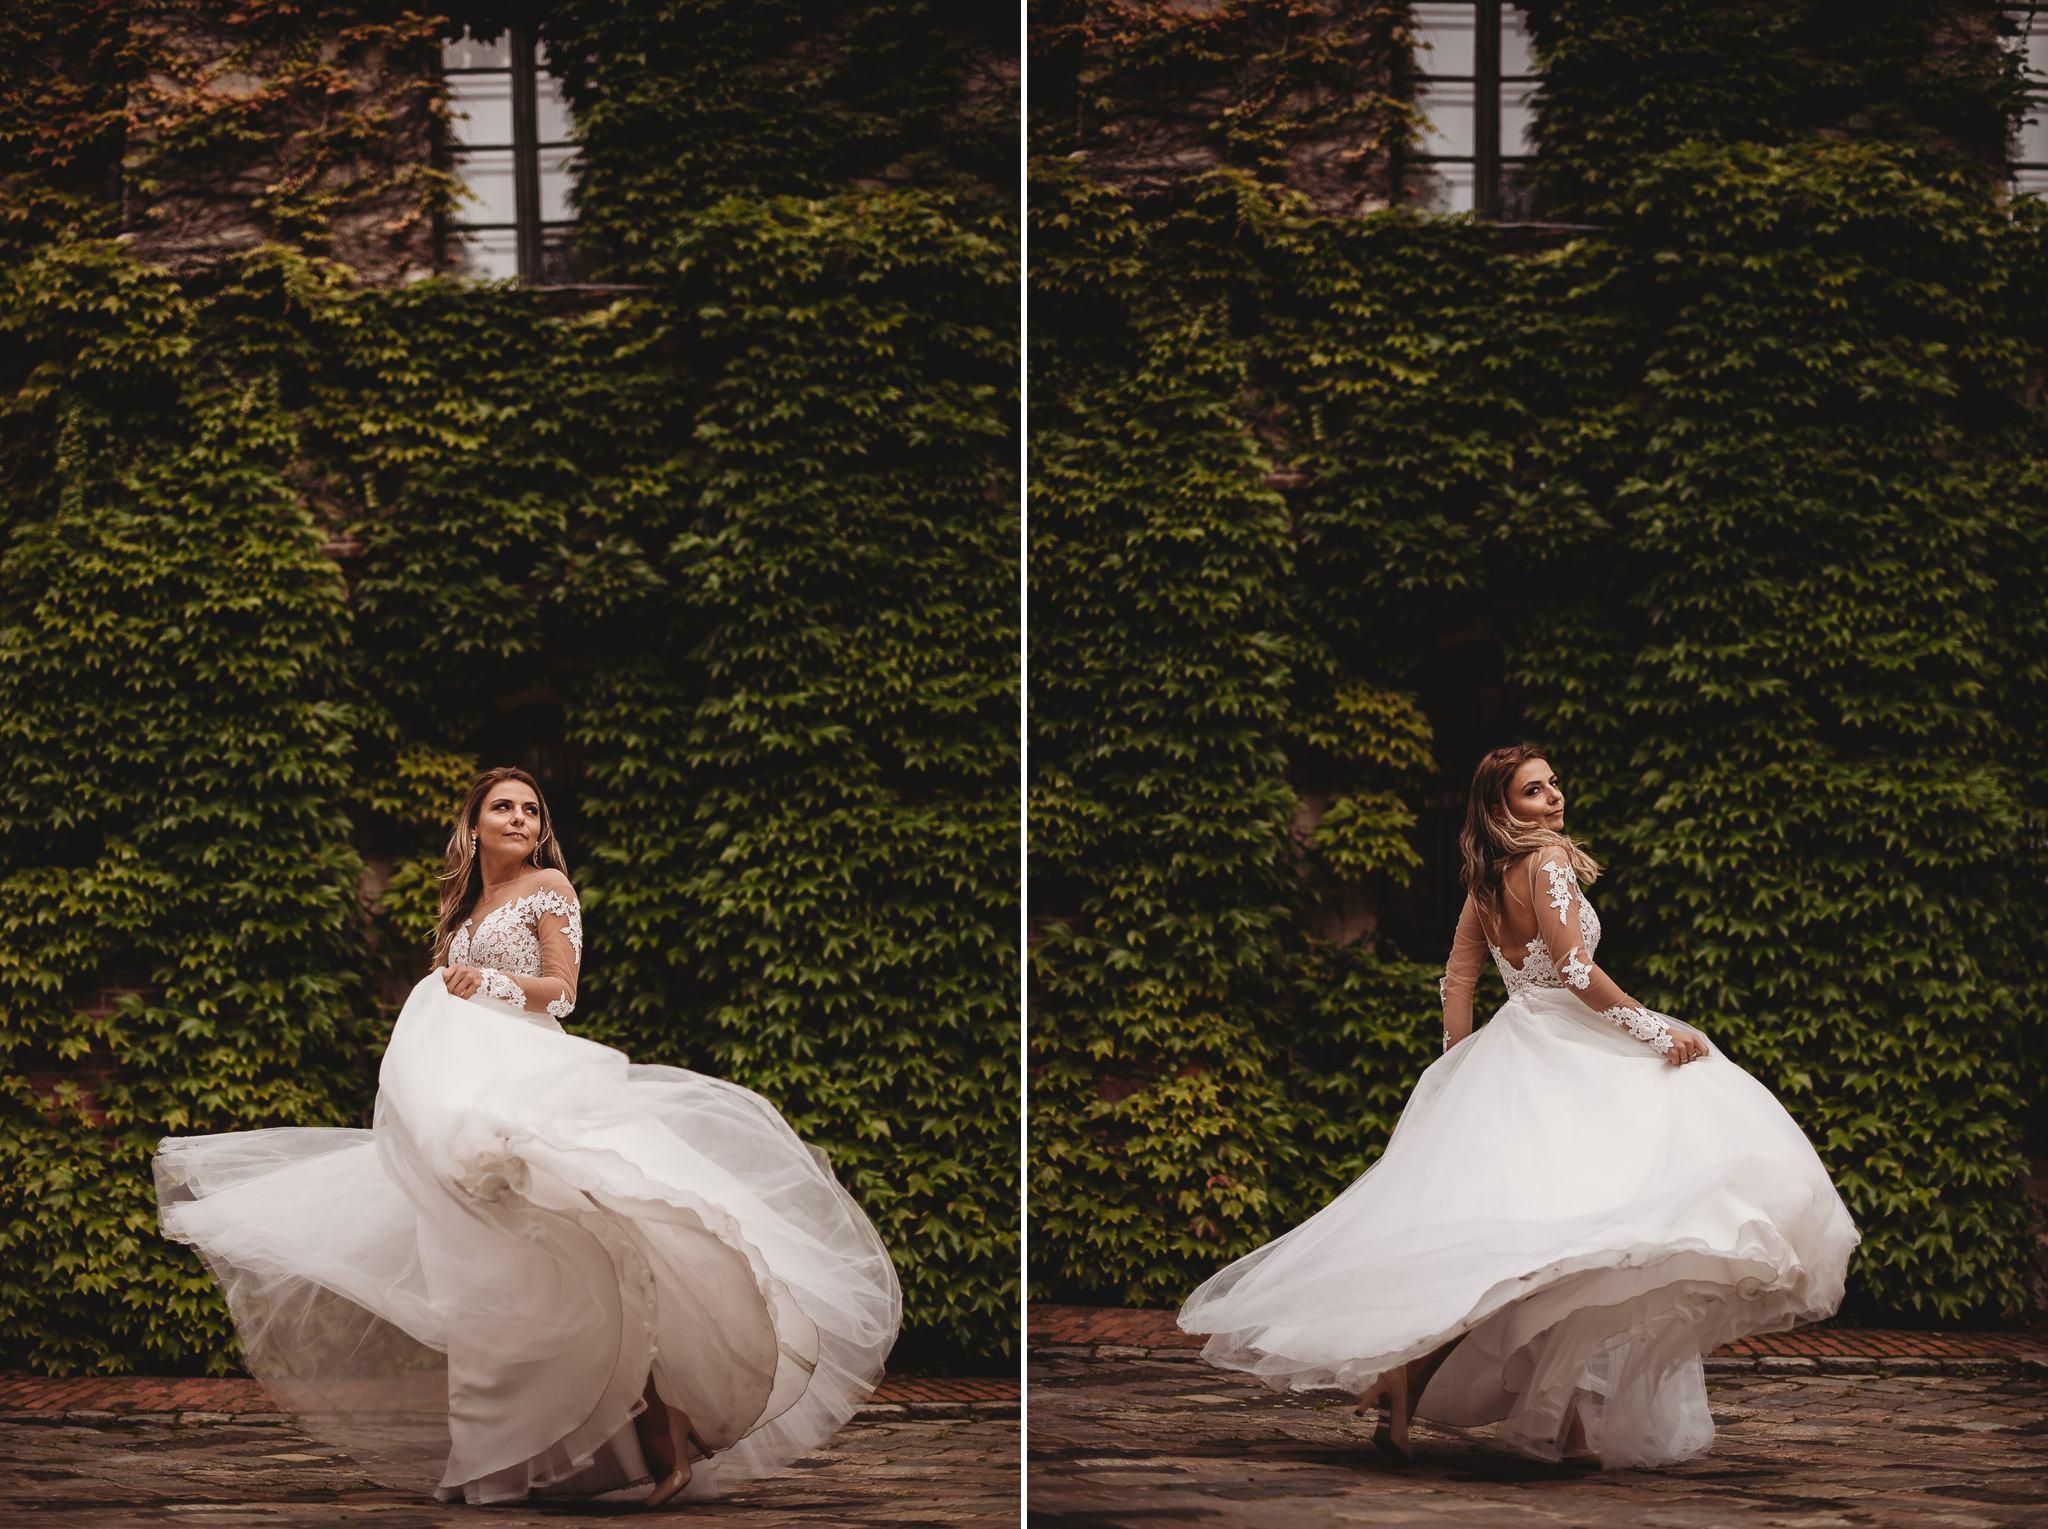 Angelika i Michał, piękne zdjęcia ślubne i sesja plenerowa w Gołuchowie 280